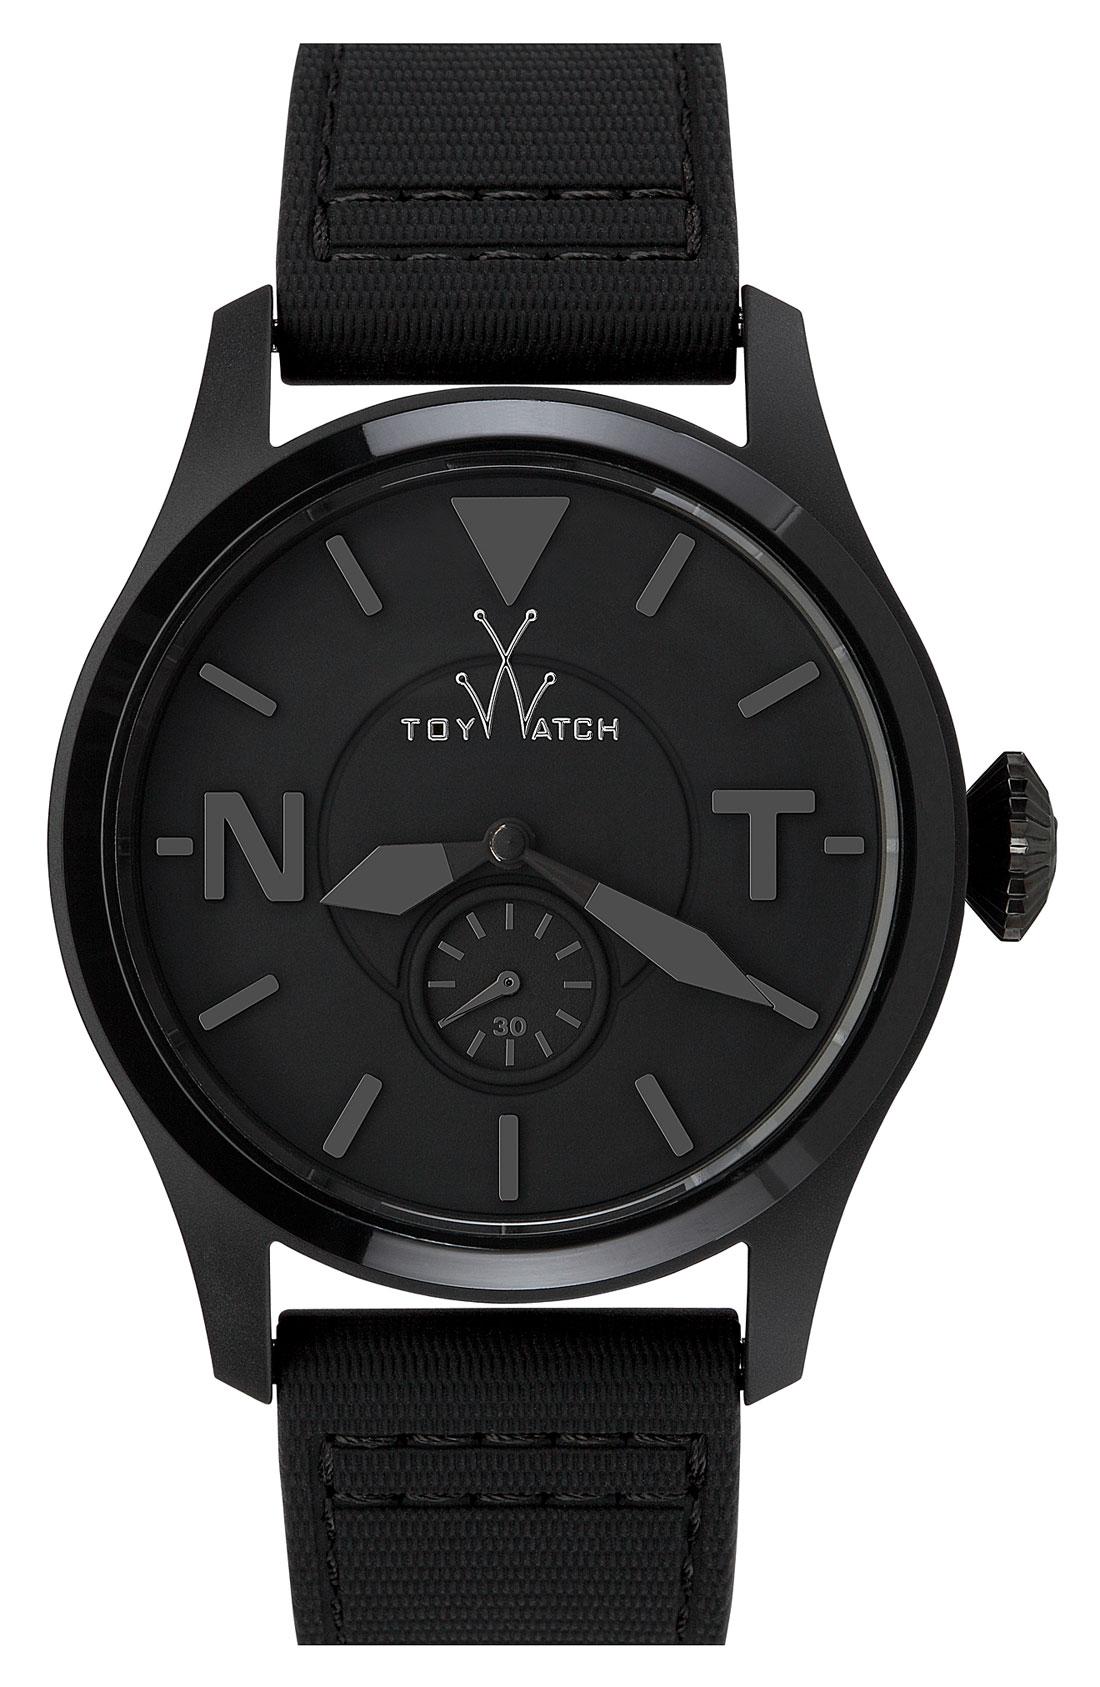 Men-Watches-20111213-107.jpg 1,100×1,687 pixels